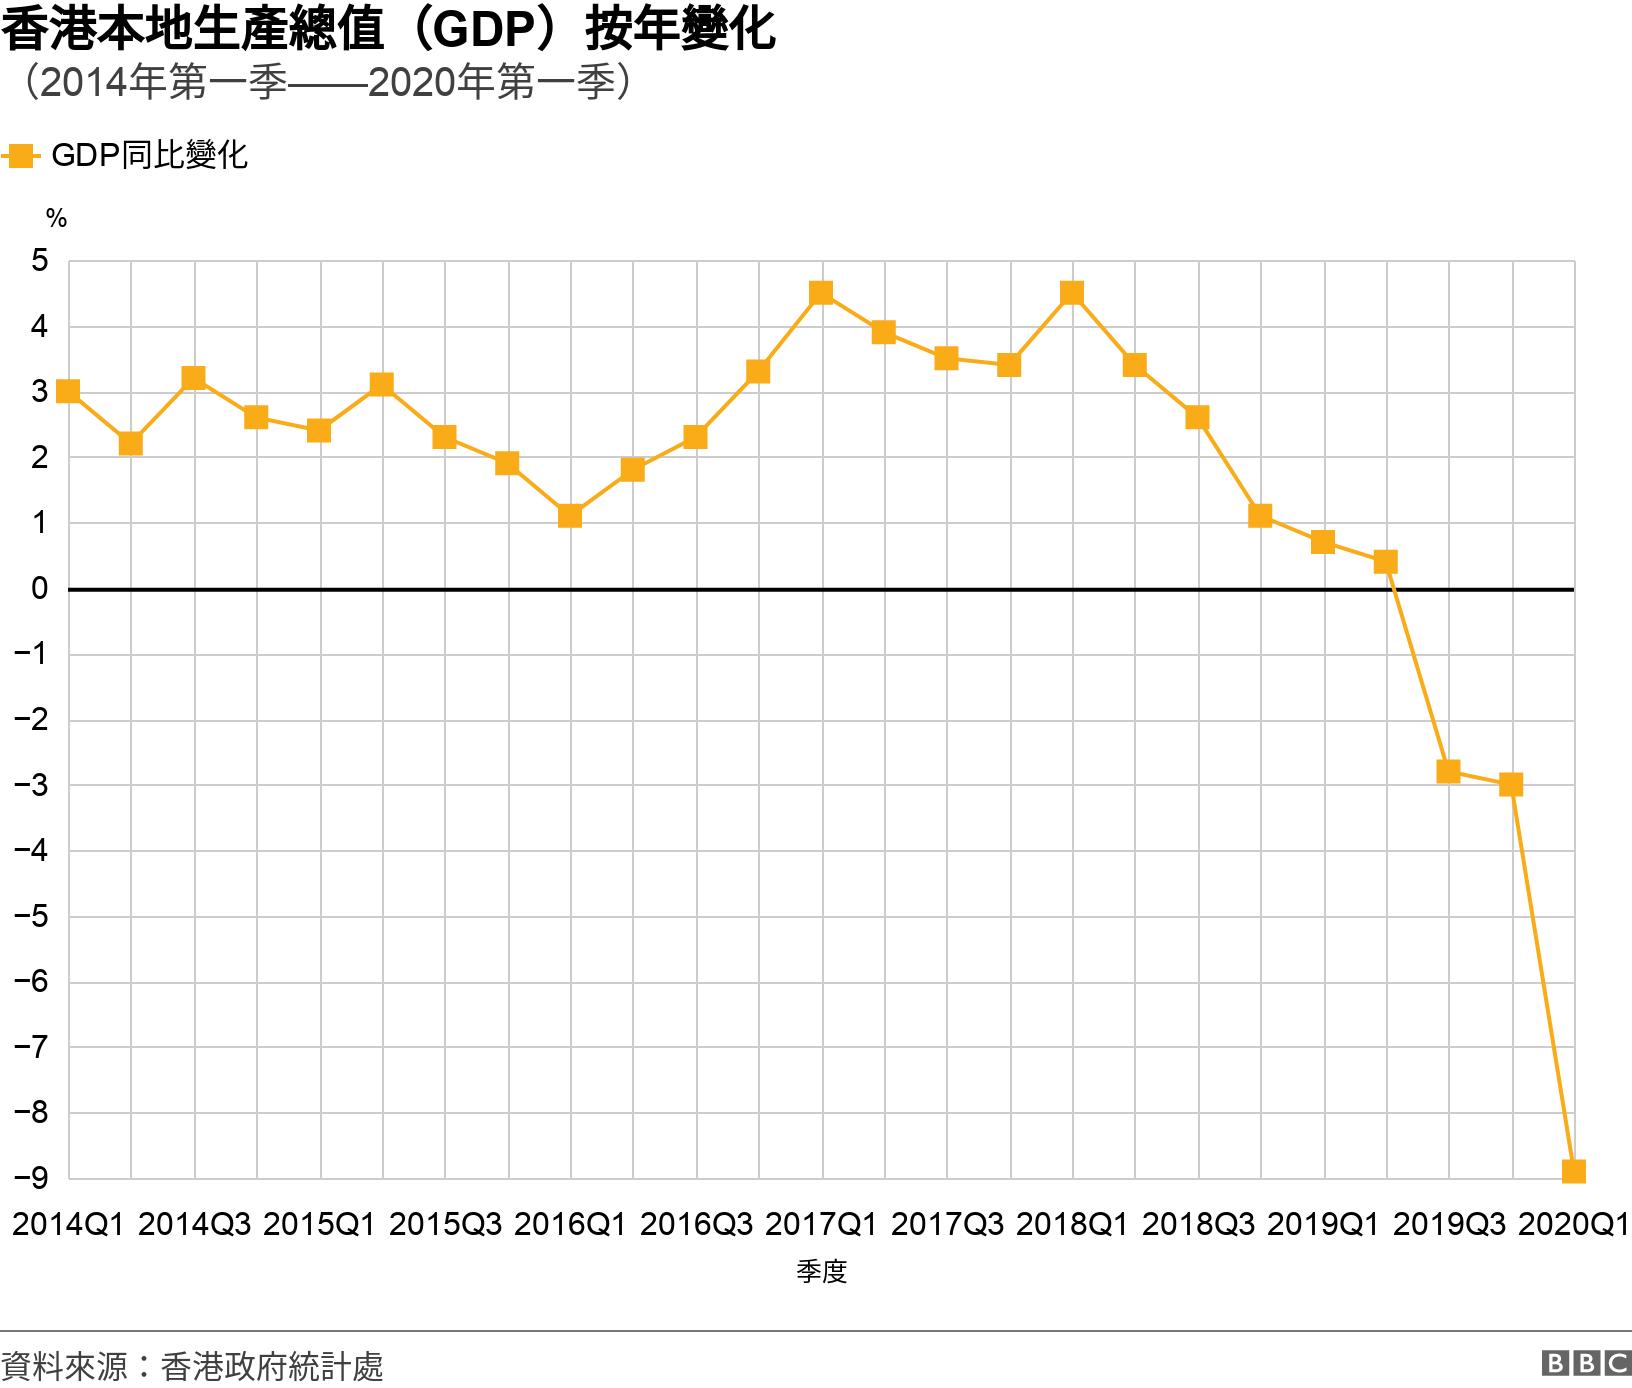 香港本地生產總值(GDP)按年變化. (2014年第一季——2020年第一季). 從2014年第一季度至2020年第一季度香港GDP數字與去年同期比較增幅之趨勢圖 .